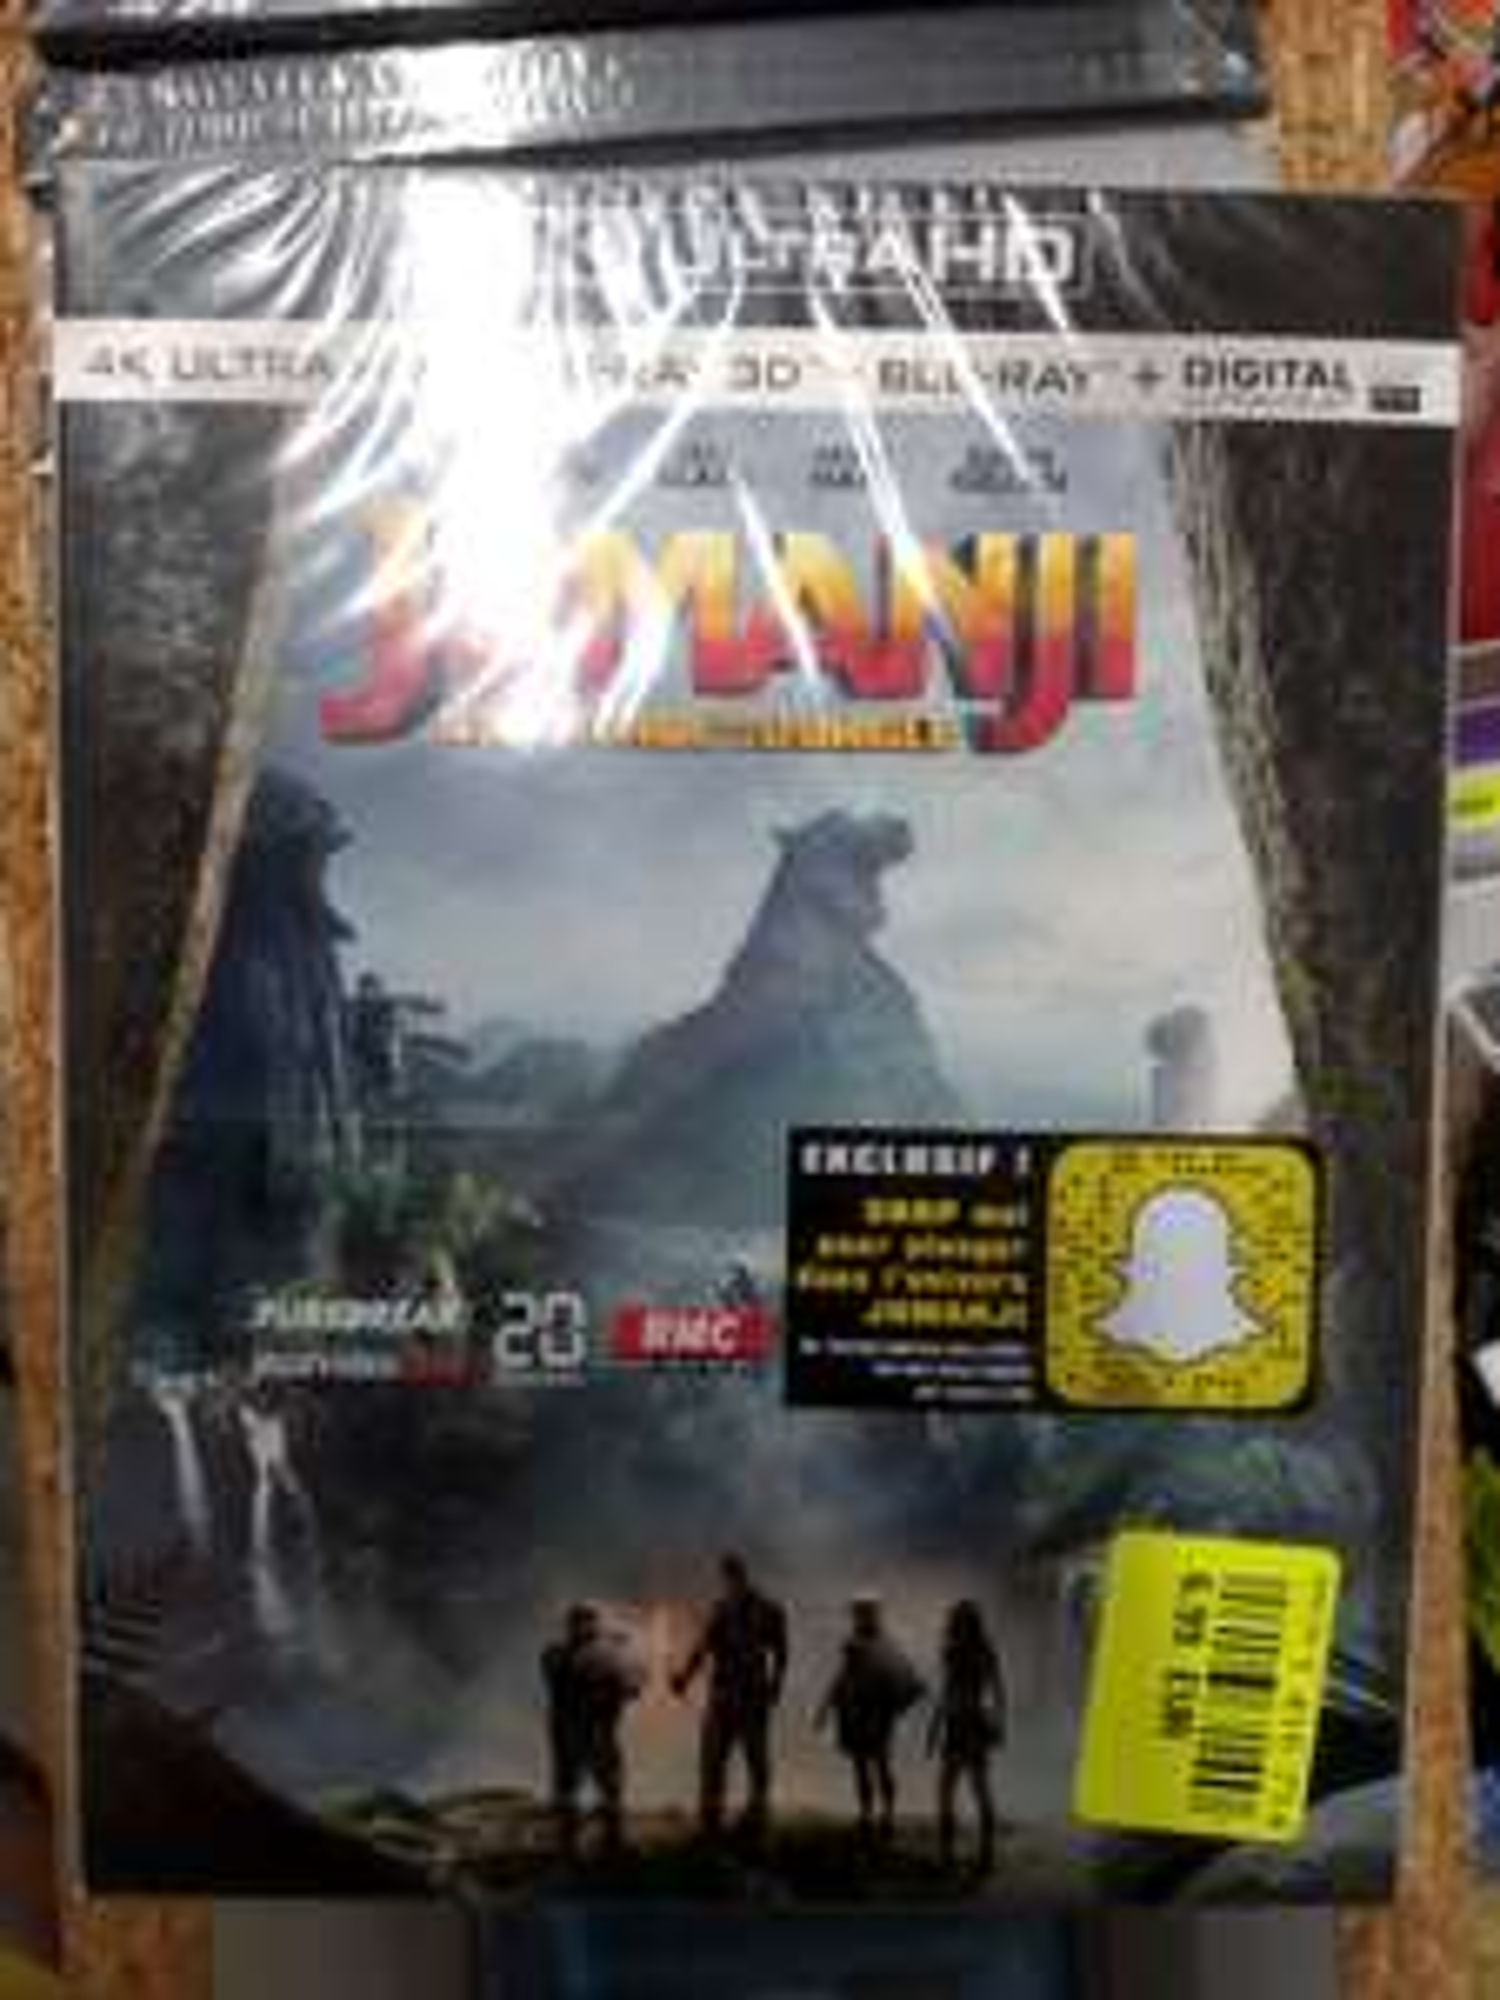 Blu-ray 4K Jumanji (La Roche-sur-Yon 85)